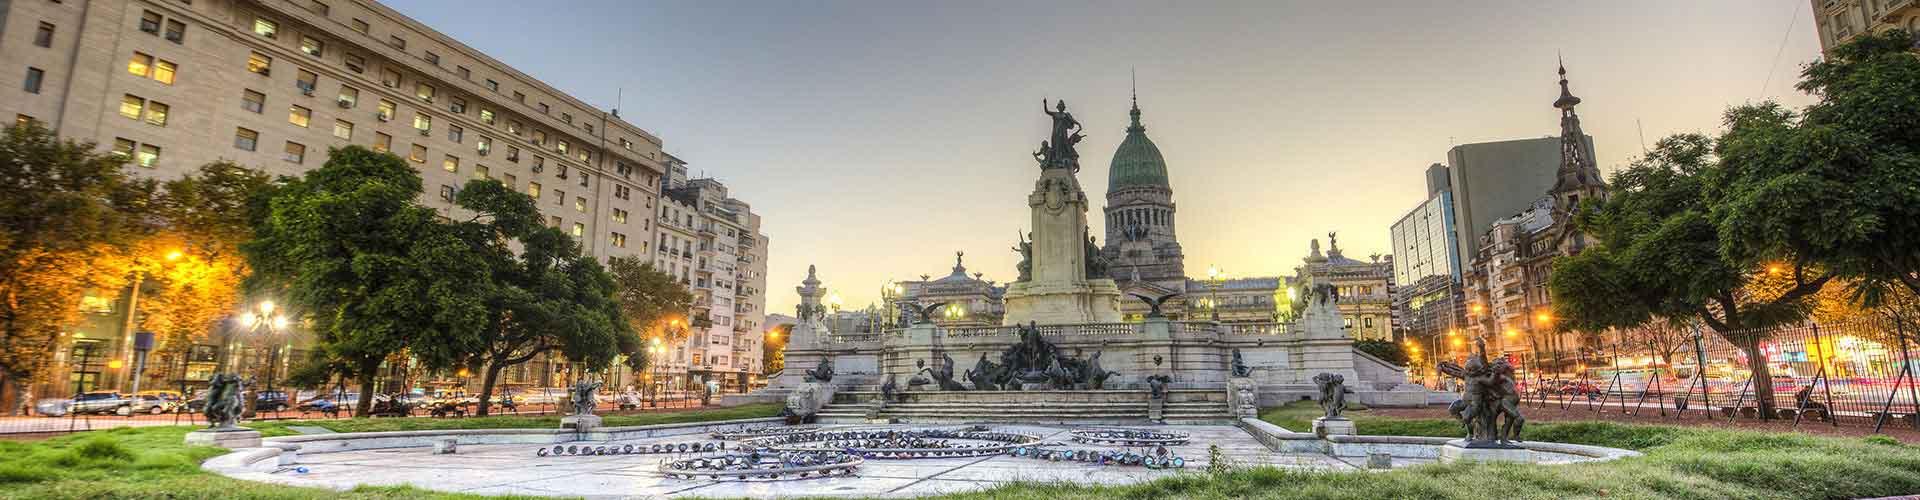 Buenos Aires – Huoneistot lähellä maamerkkiä Jorge Newbery lentokenttä. Buenos Aires -karttoja, valokuvia ja arvosteluja kaikista Buenos Aires -huoneistoista.